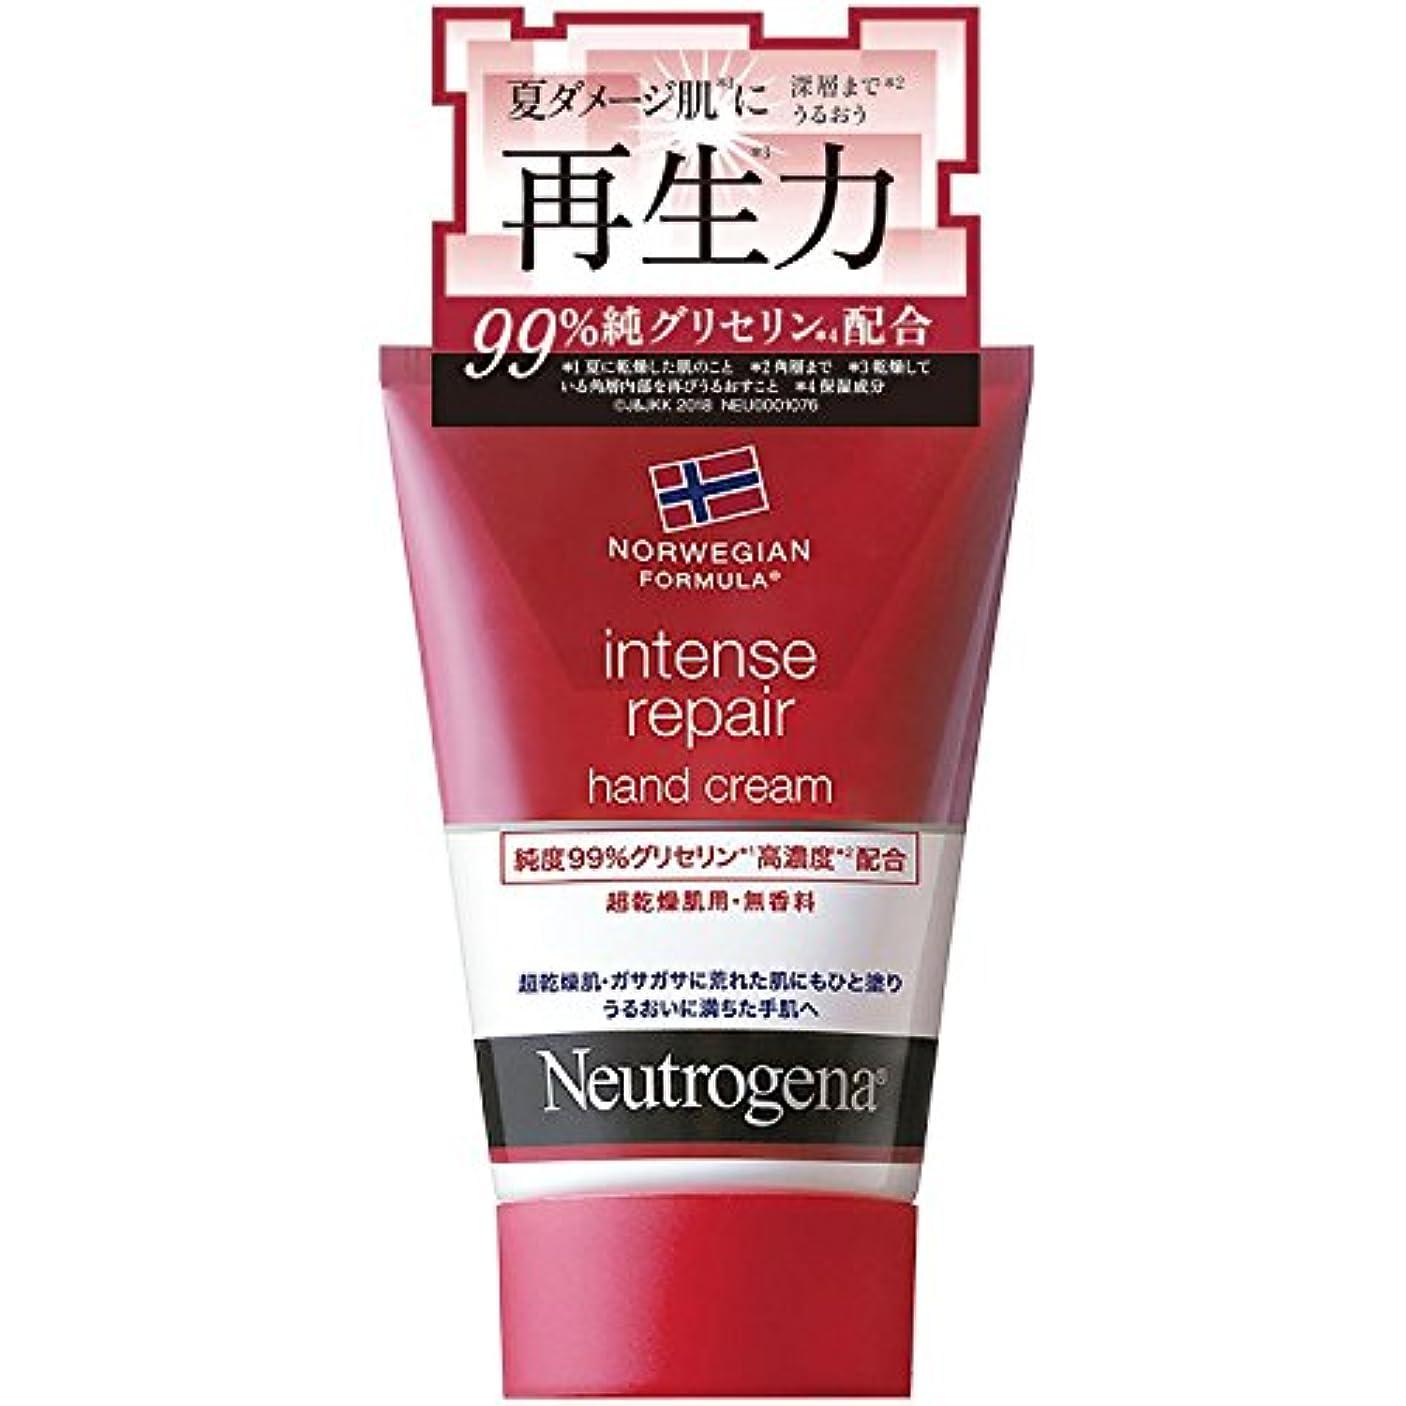 データム原稿オーナメントNeutrogena(ニュートロジーナ) ノルウェーフォーミュラ インテンスリペア ハンドクリーム 超乾燥肌用 無香料 単品 50g